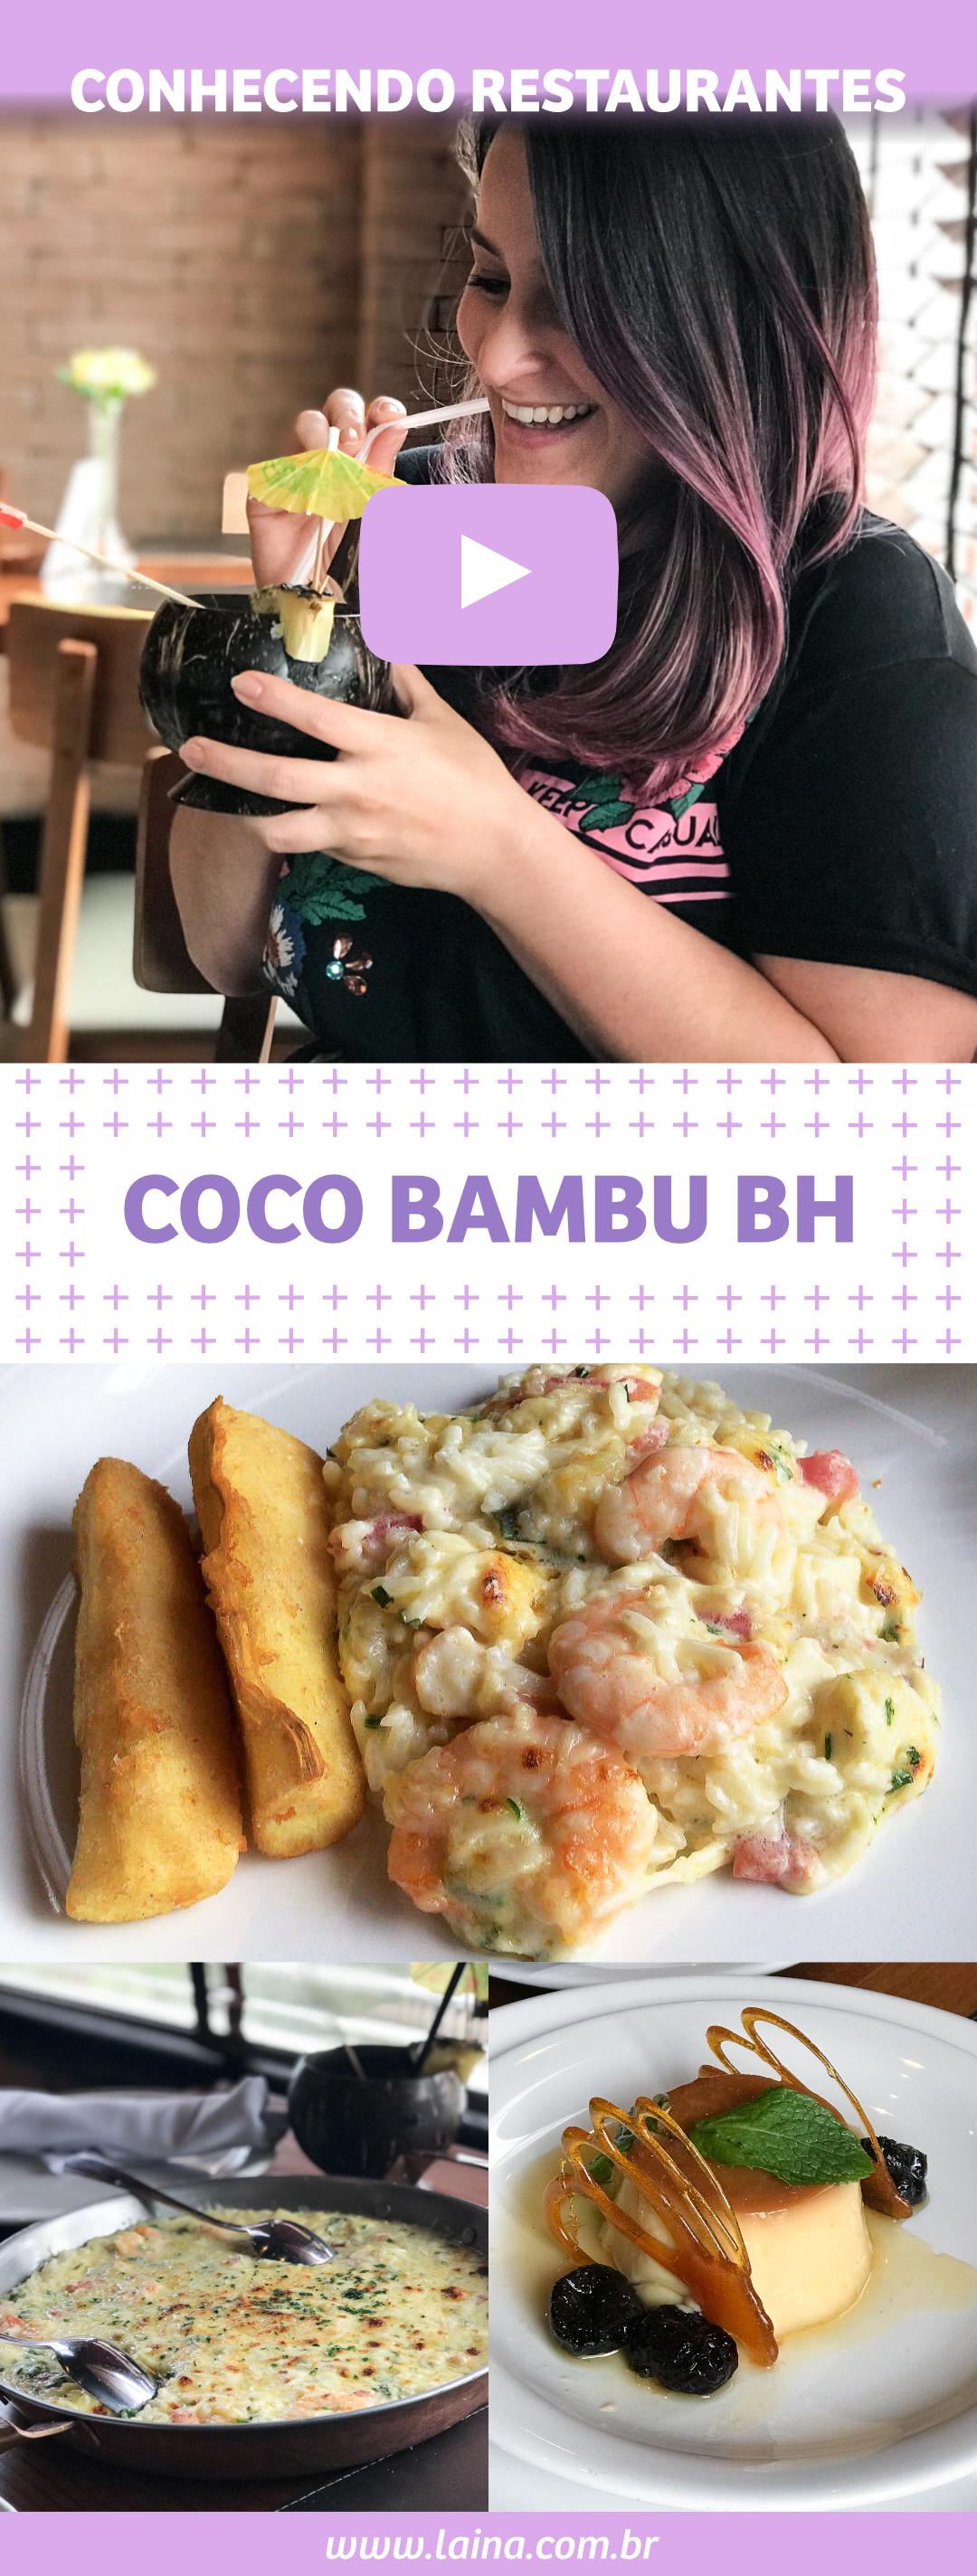 Conhecendo Restaurantes: Coco Bambu em Belo Horizonte